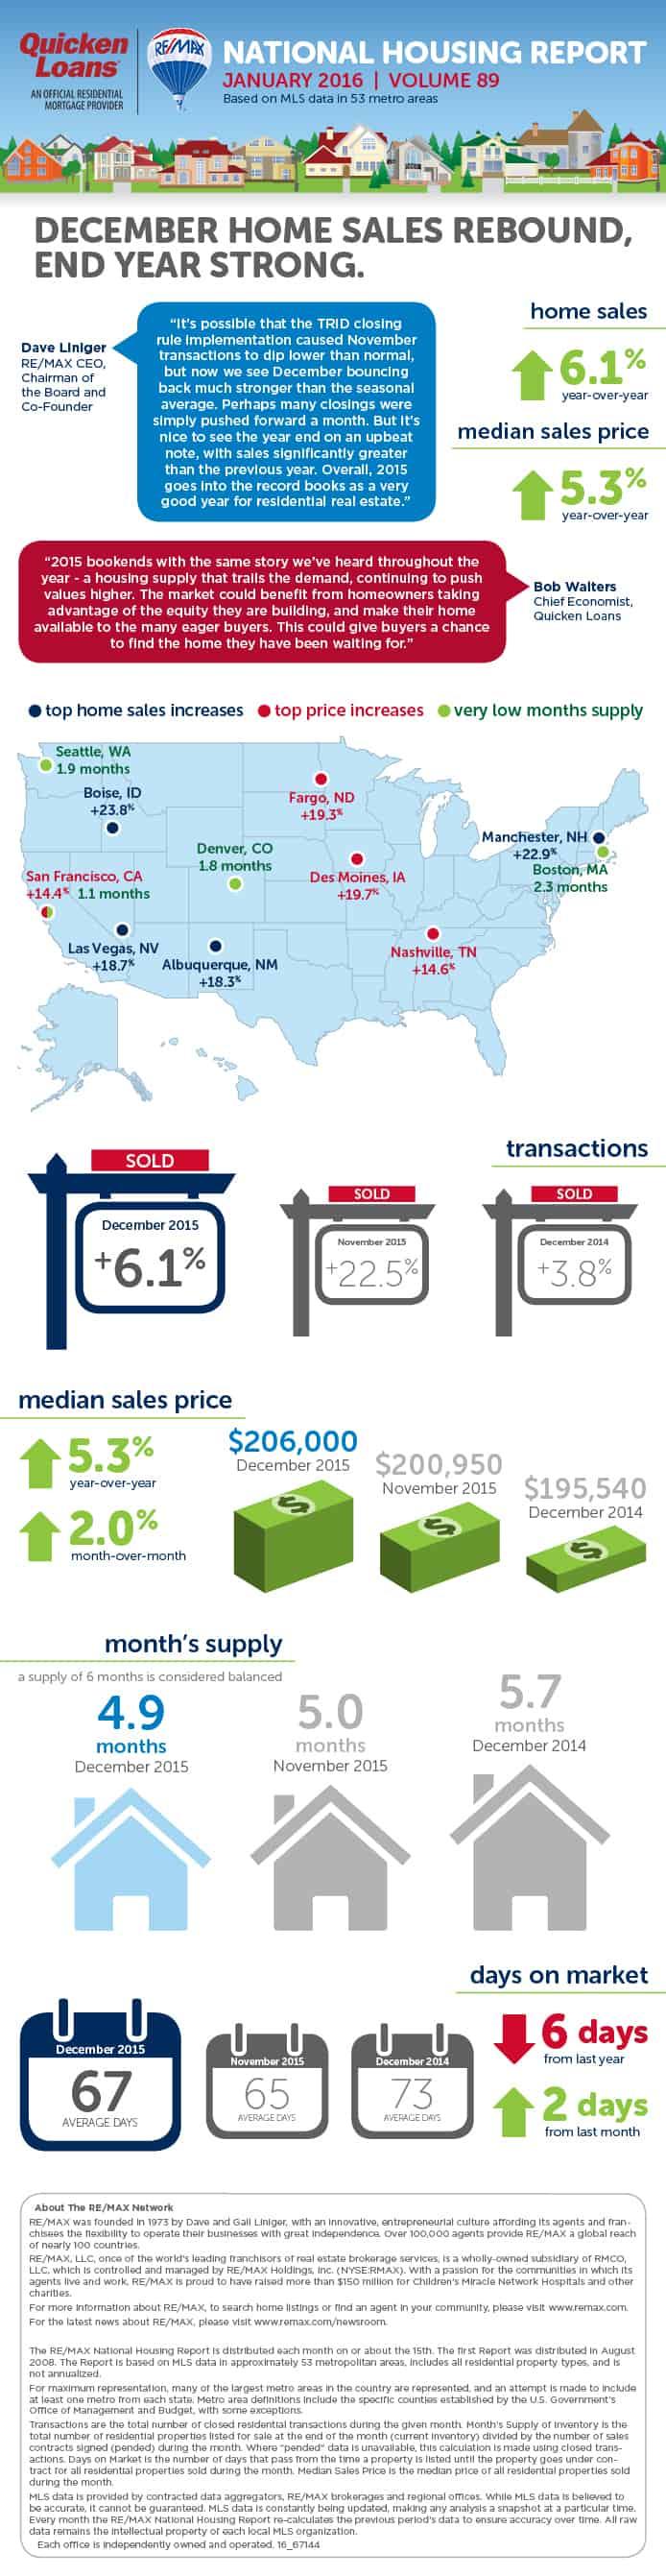 housingreport-infographic